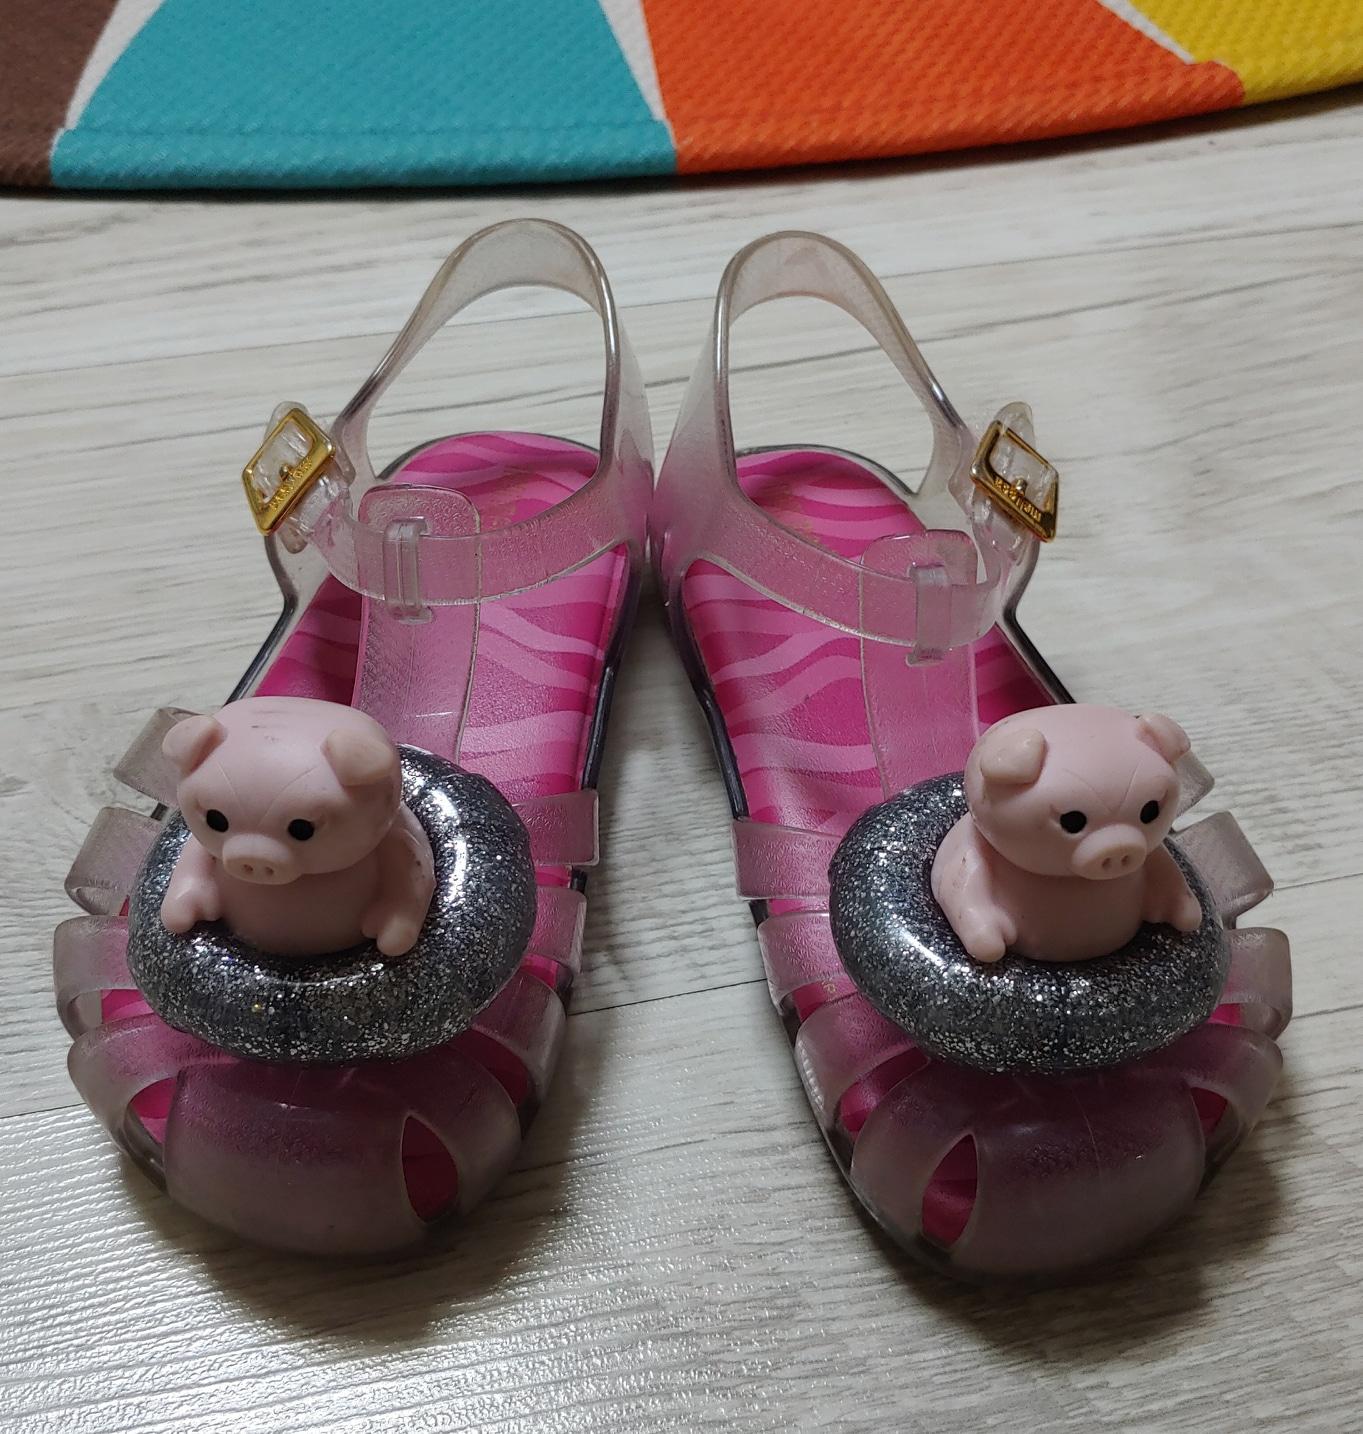 미니멜리사 돼지튜브♥ 170 + 앵두170(가격내림)